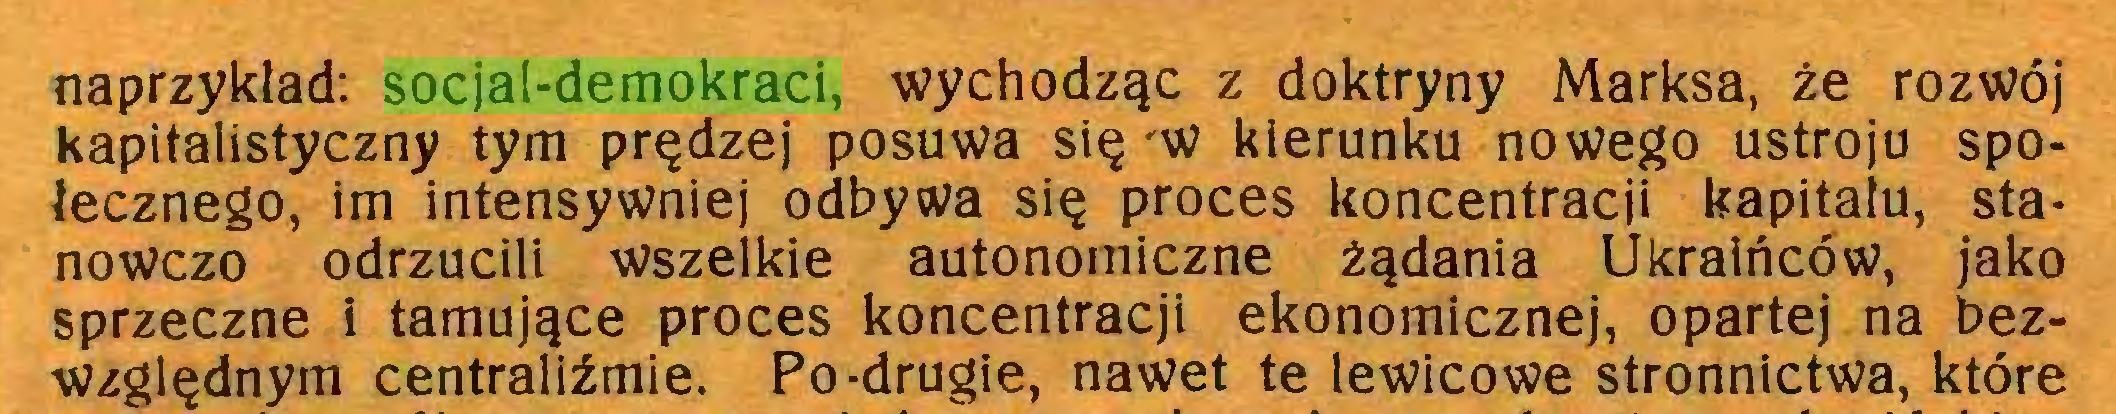 (...) naprzyklad: socjal-demokraci, wychodząc z doktryny Marksa, źe rozwój Kapitalistyczny tym prędzej posuwa się 'W kierunku nowego ustroju społecznego, im intensywniej odbyta się proces koncentracji kapitału, stanowczo odrzucili wszelkie autonomiczne żądania Ukraińców, jako sprzeczne i tamujące proces koncentracji ekonomicznej, opartej na bezwzględnym centraliźmie. Po-drugie, nawet te lewicowe stronnictwa, które...